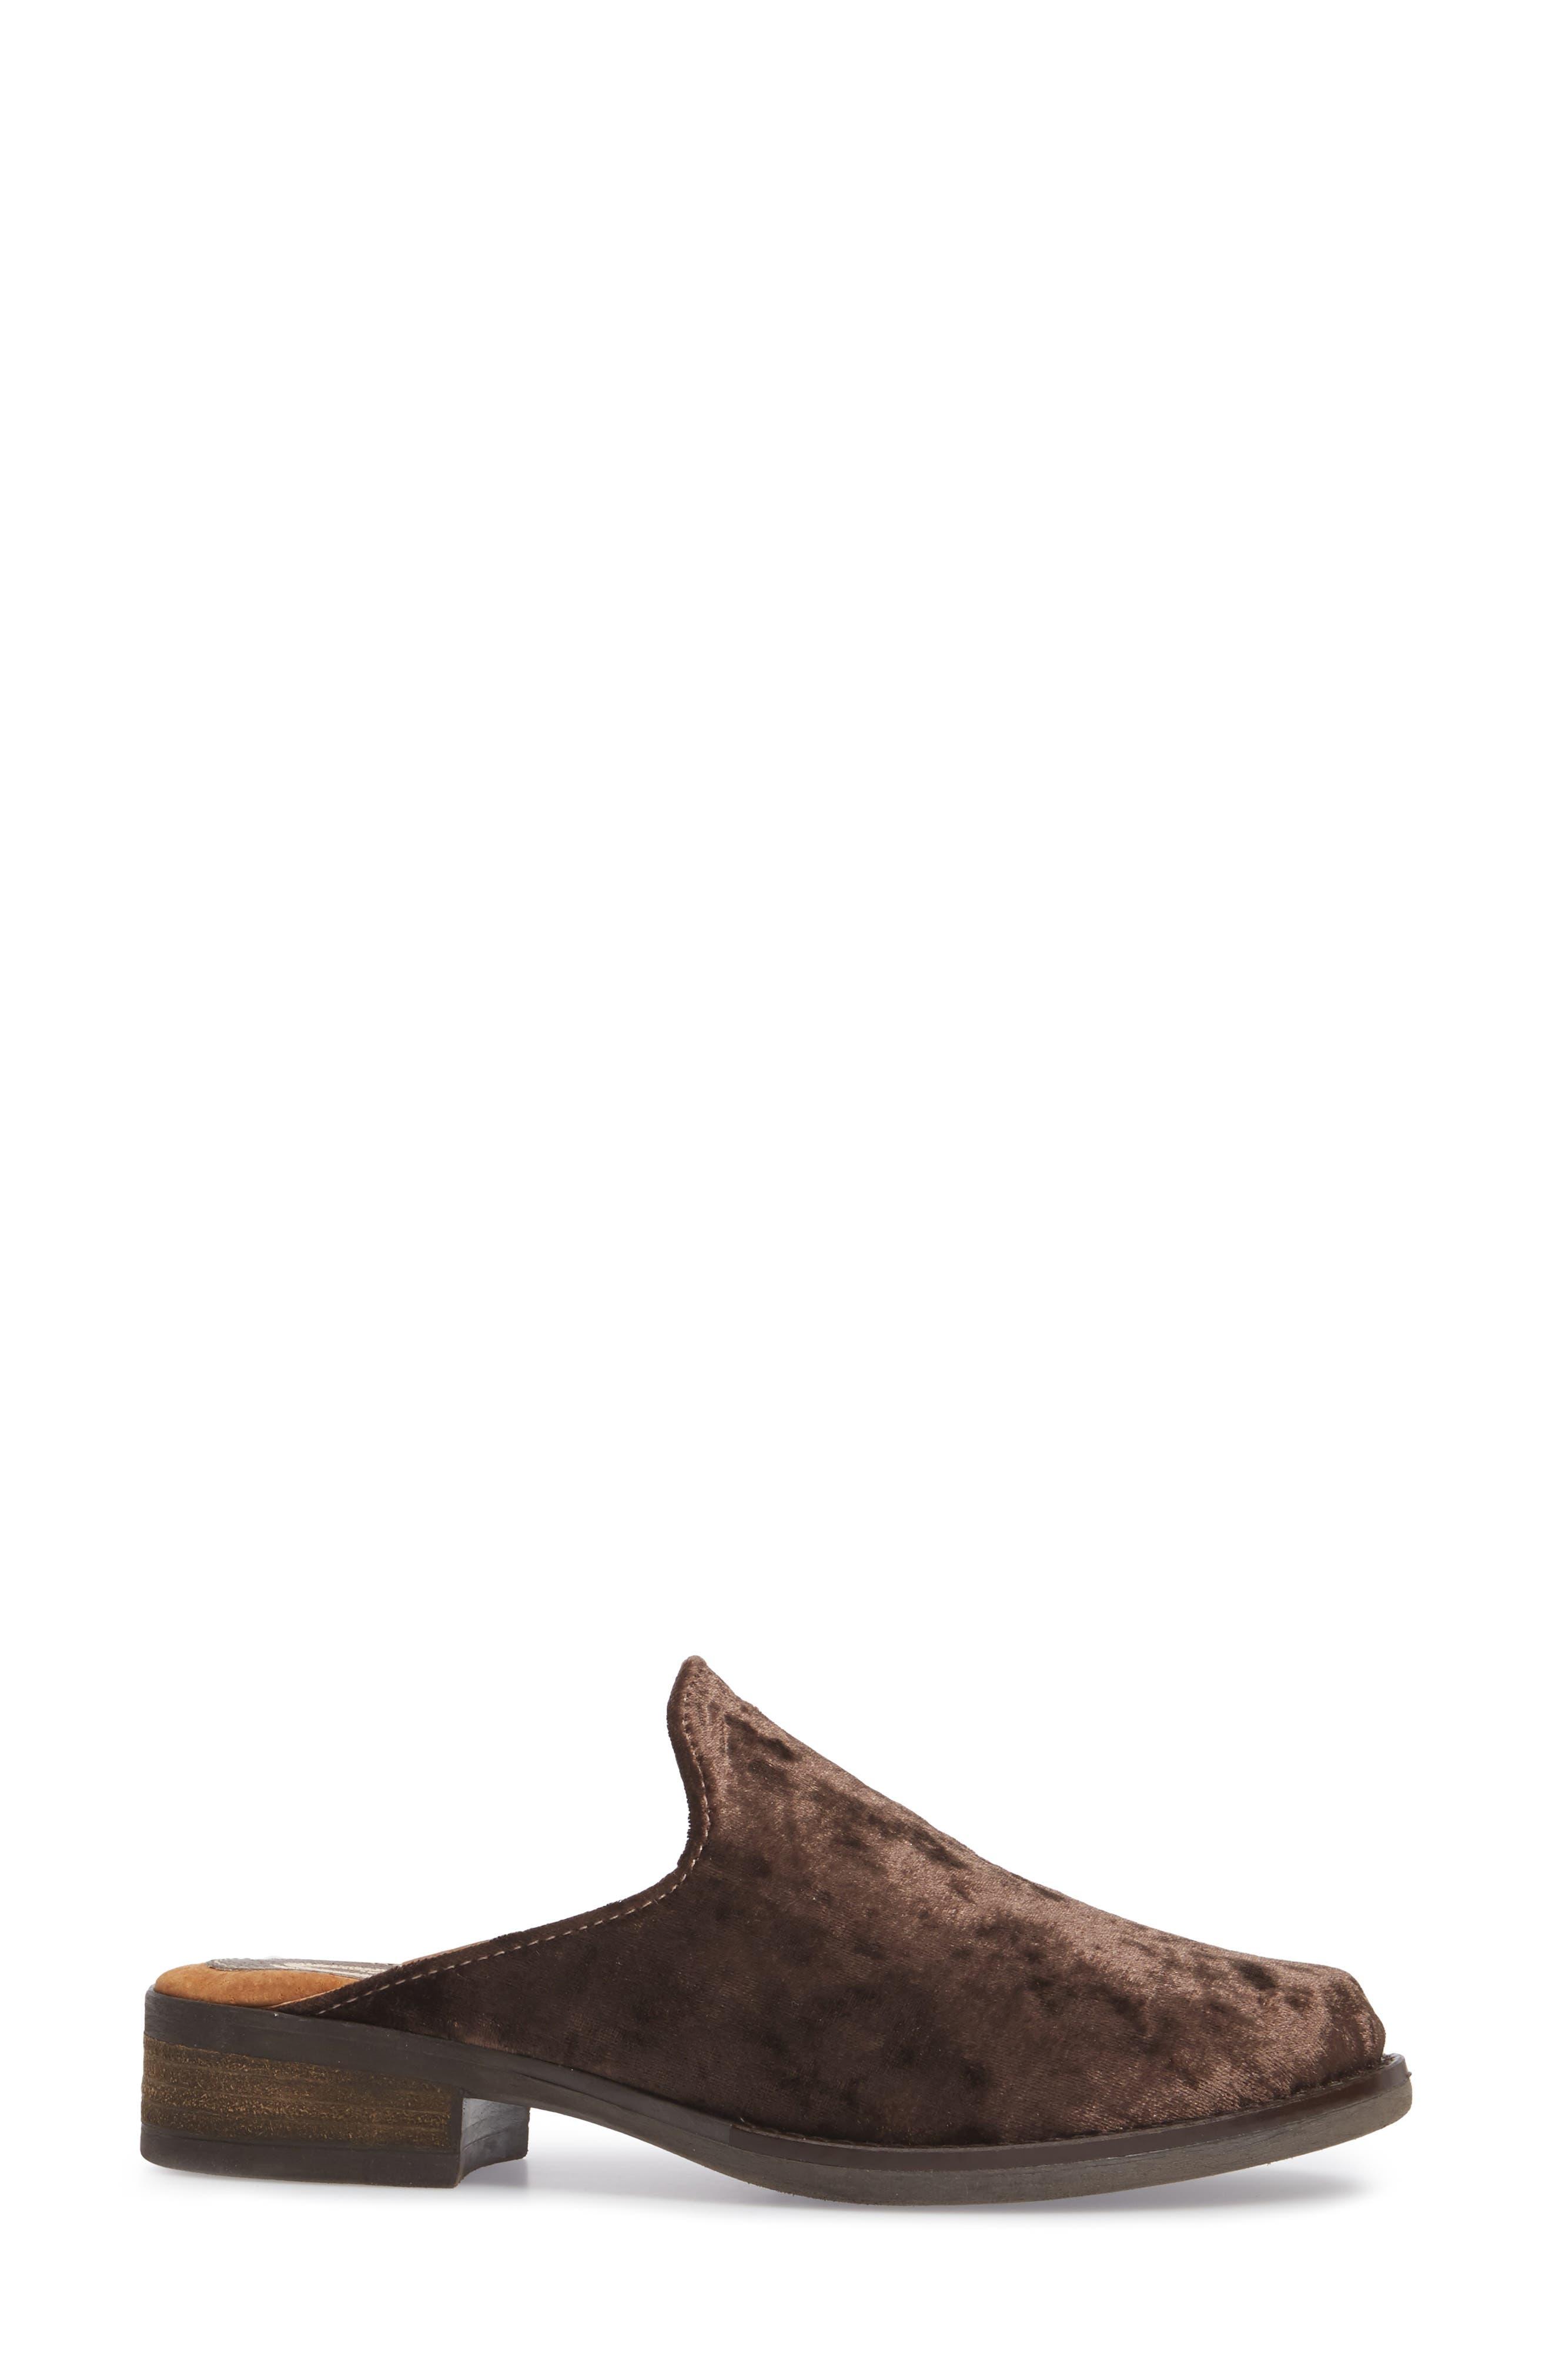 Alternate Image 3  - Sbicca Citrine Loafer Mule (Women)